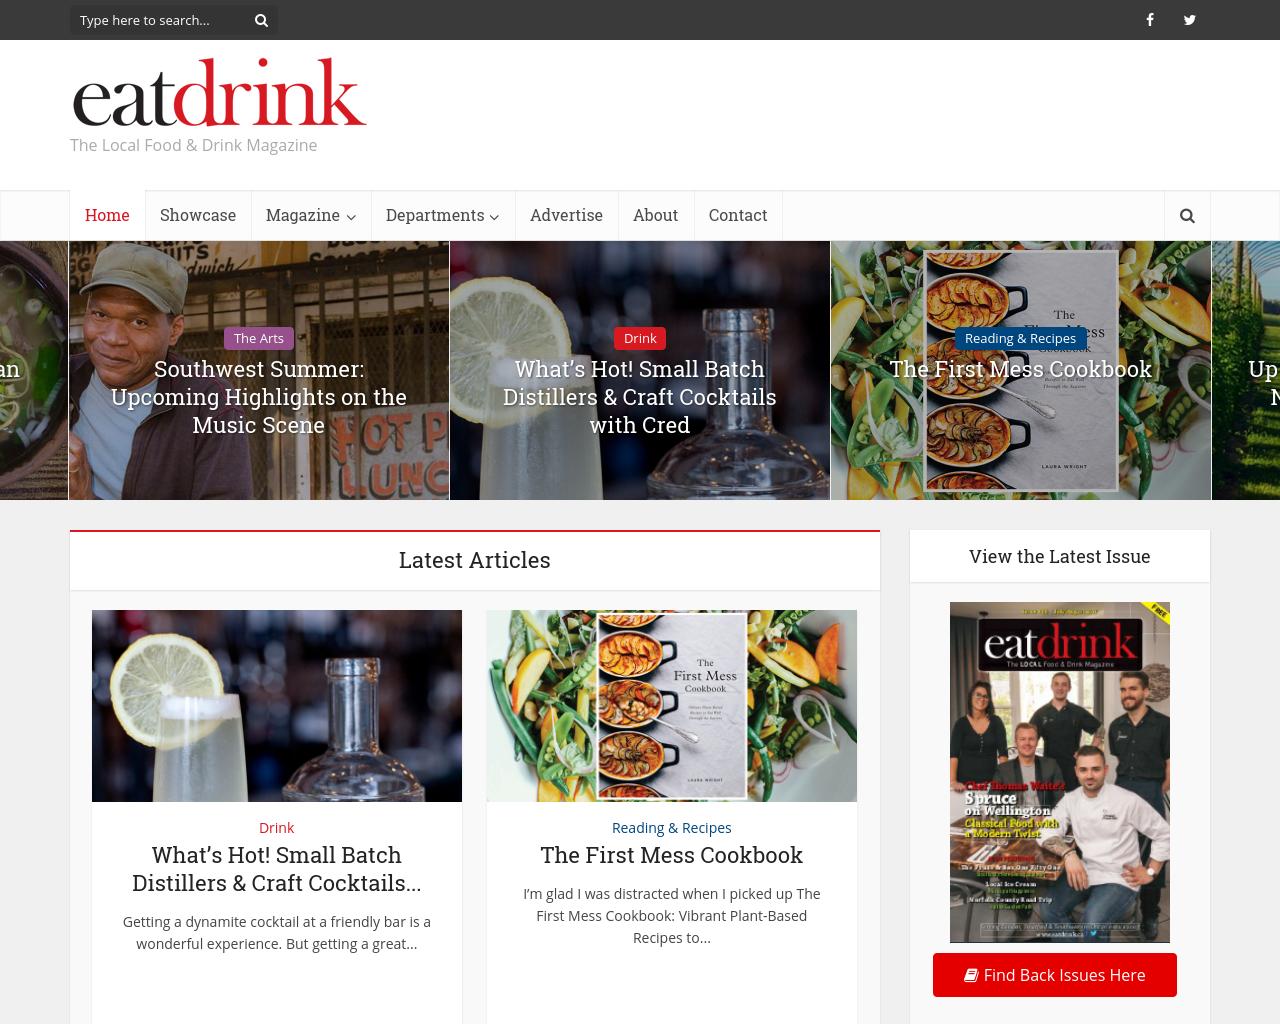 EatDrink-Advertising-Reviews-Pricing